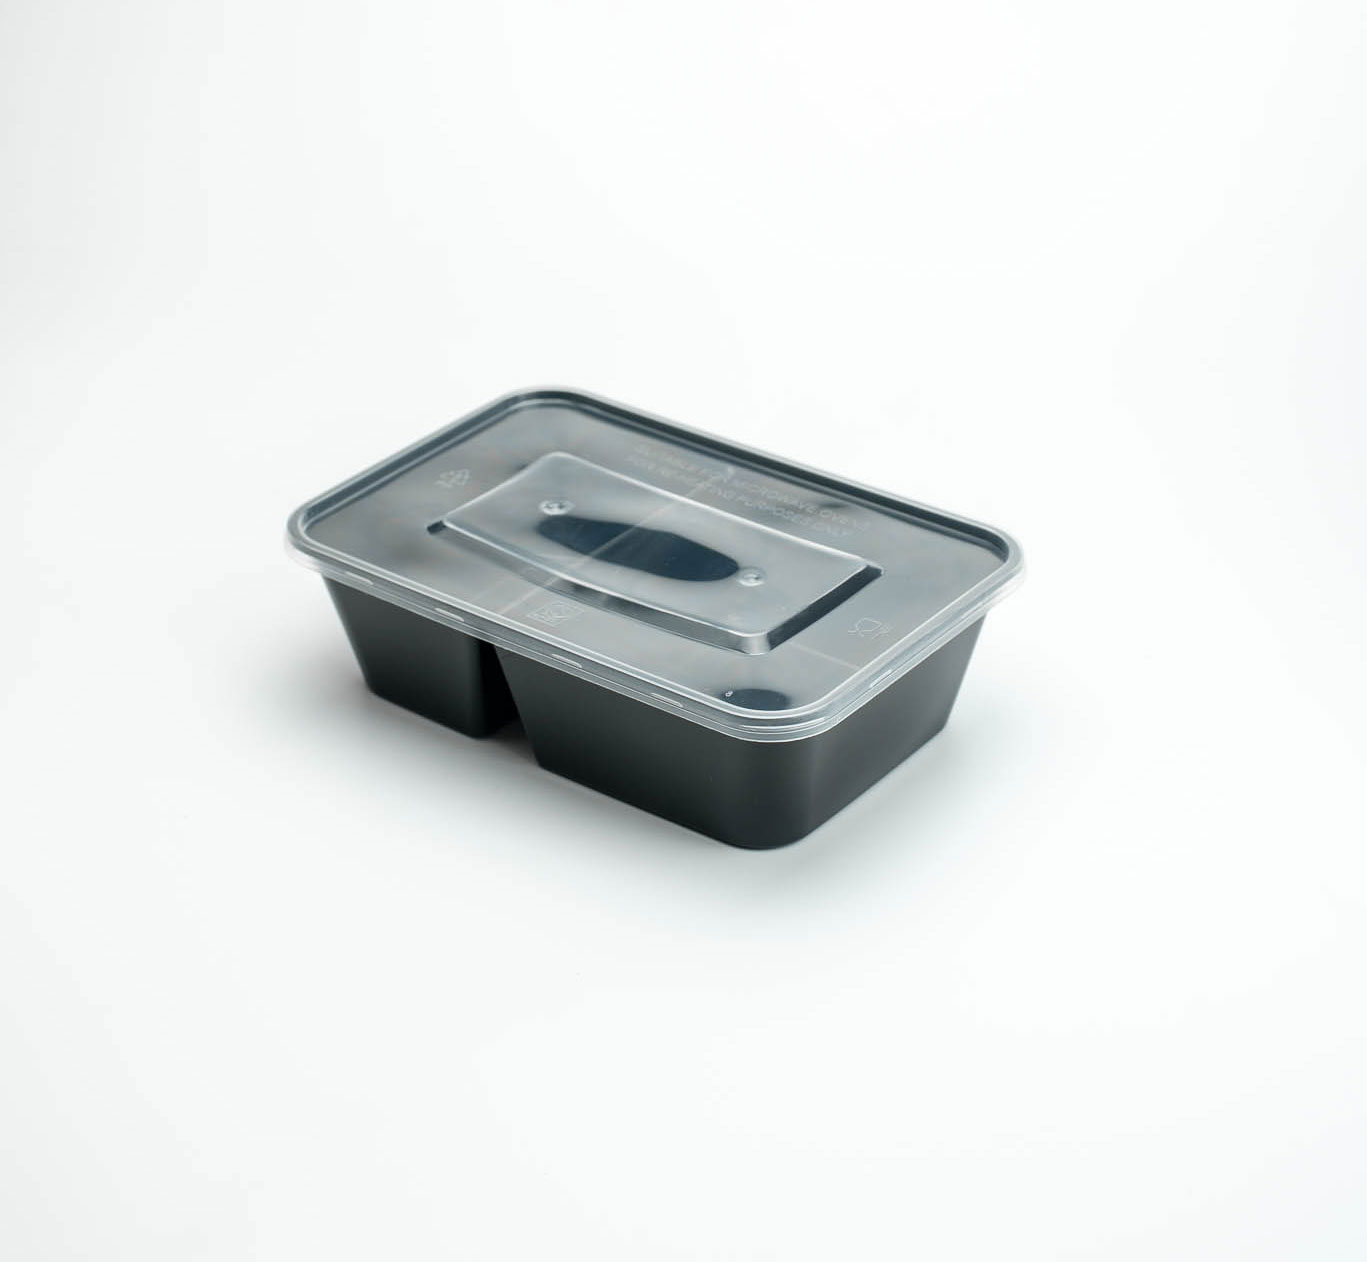 กล่องอาหารพลาสติก 2 ช่อง simple 750ml